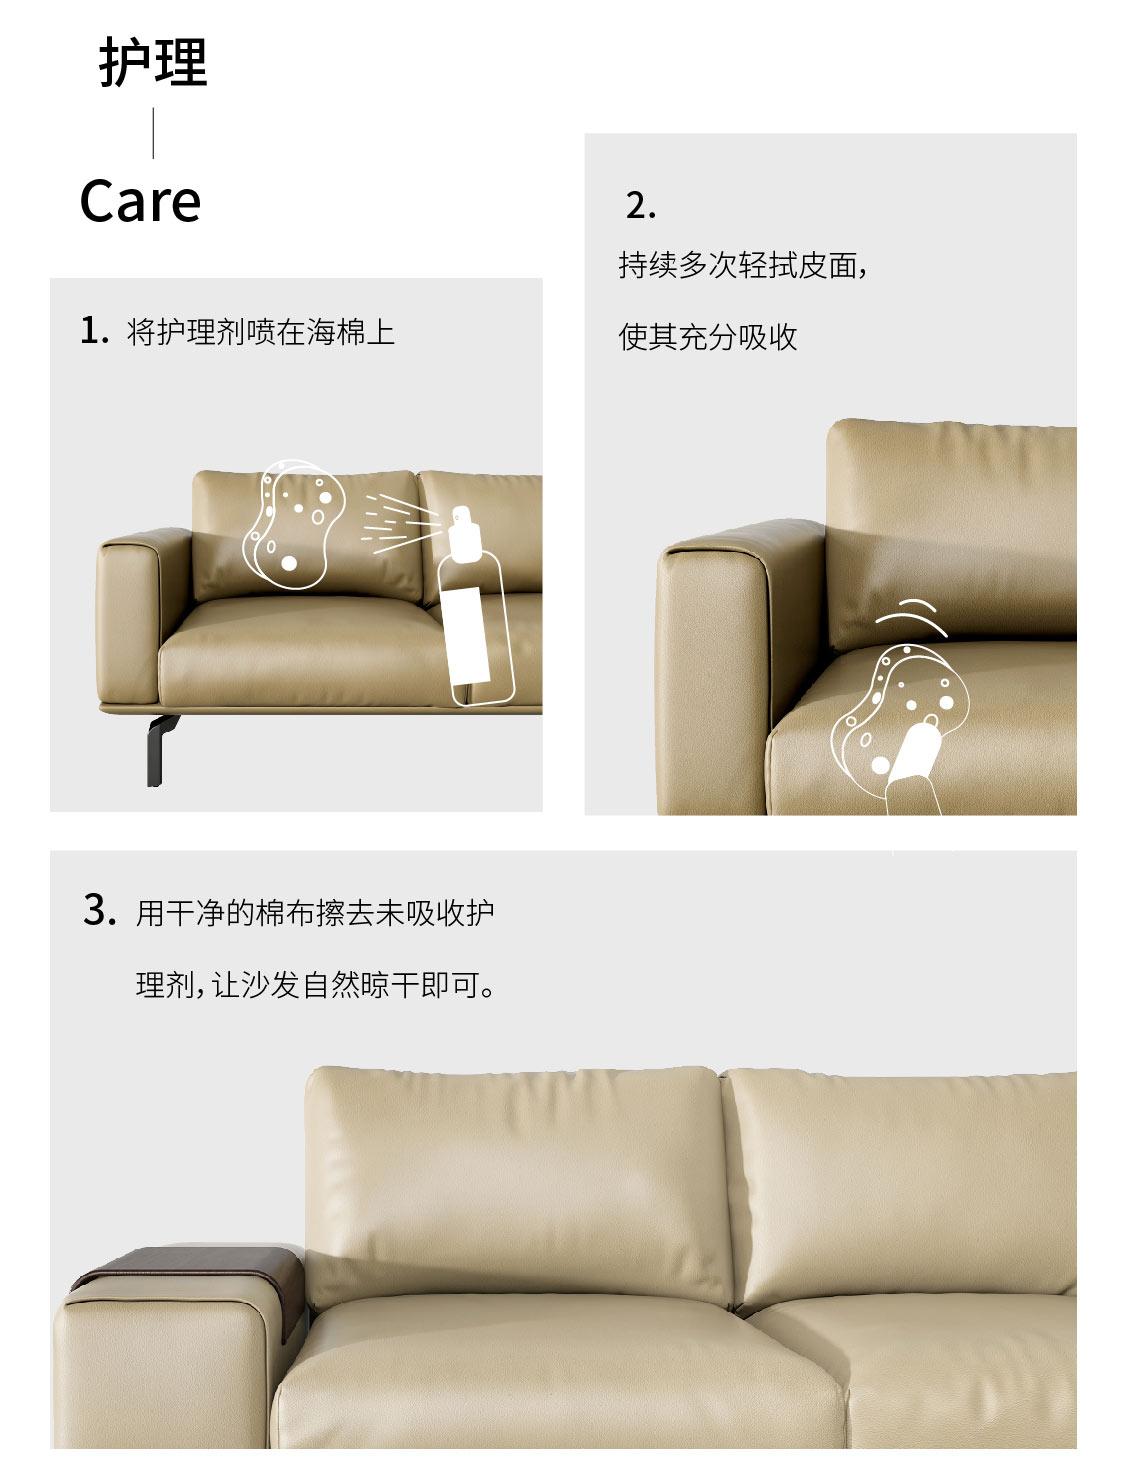 沙发护理流程图